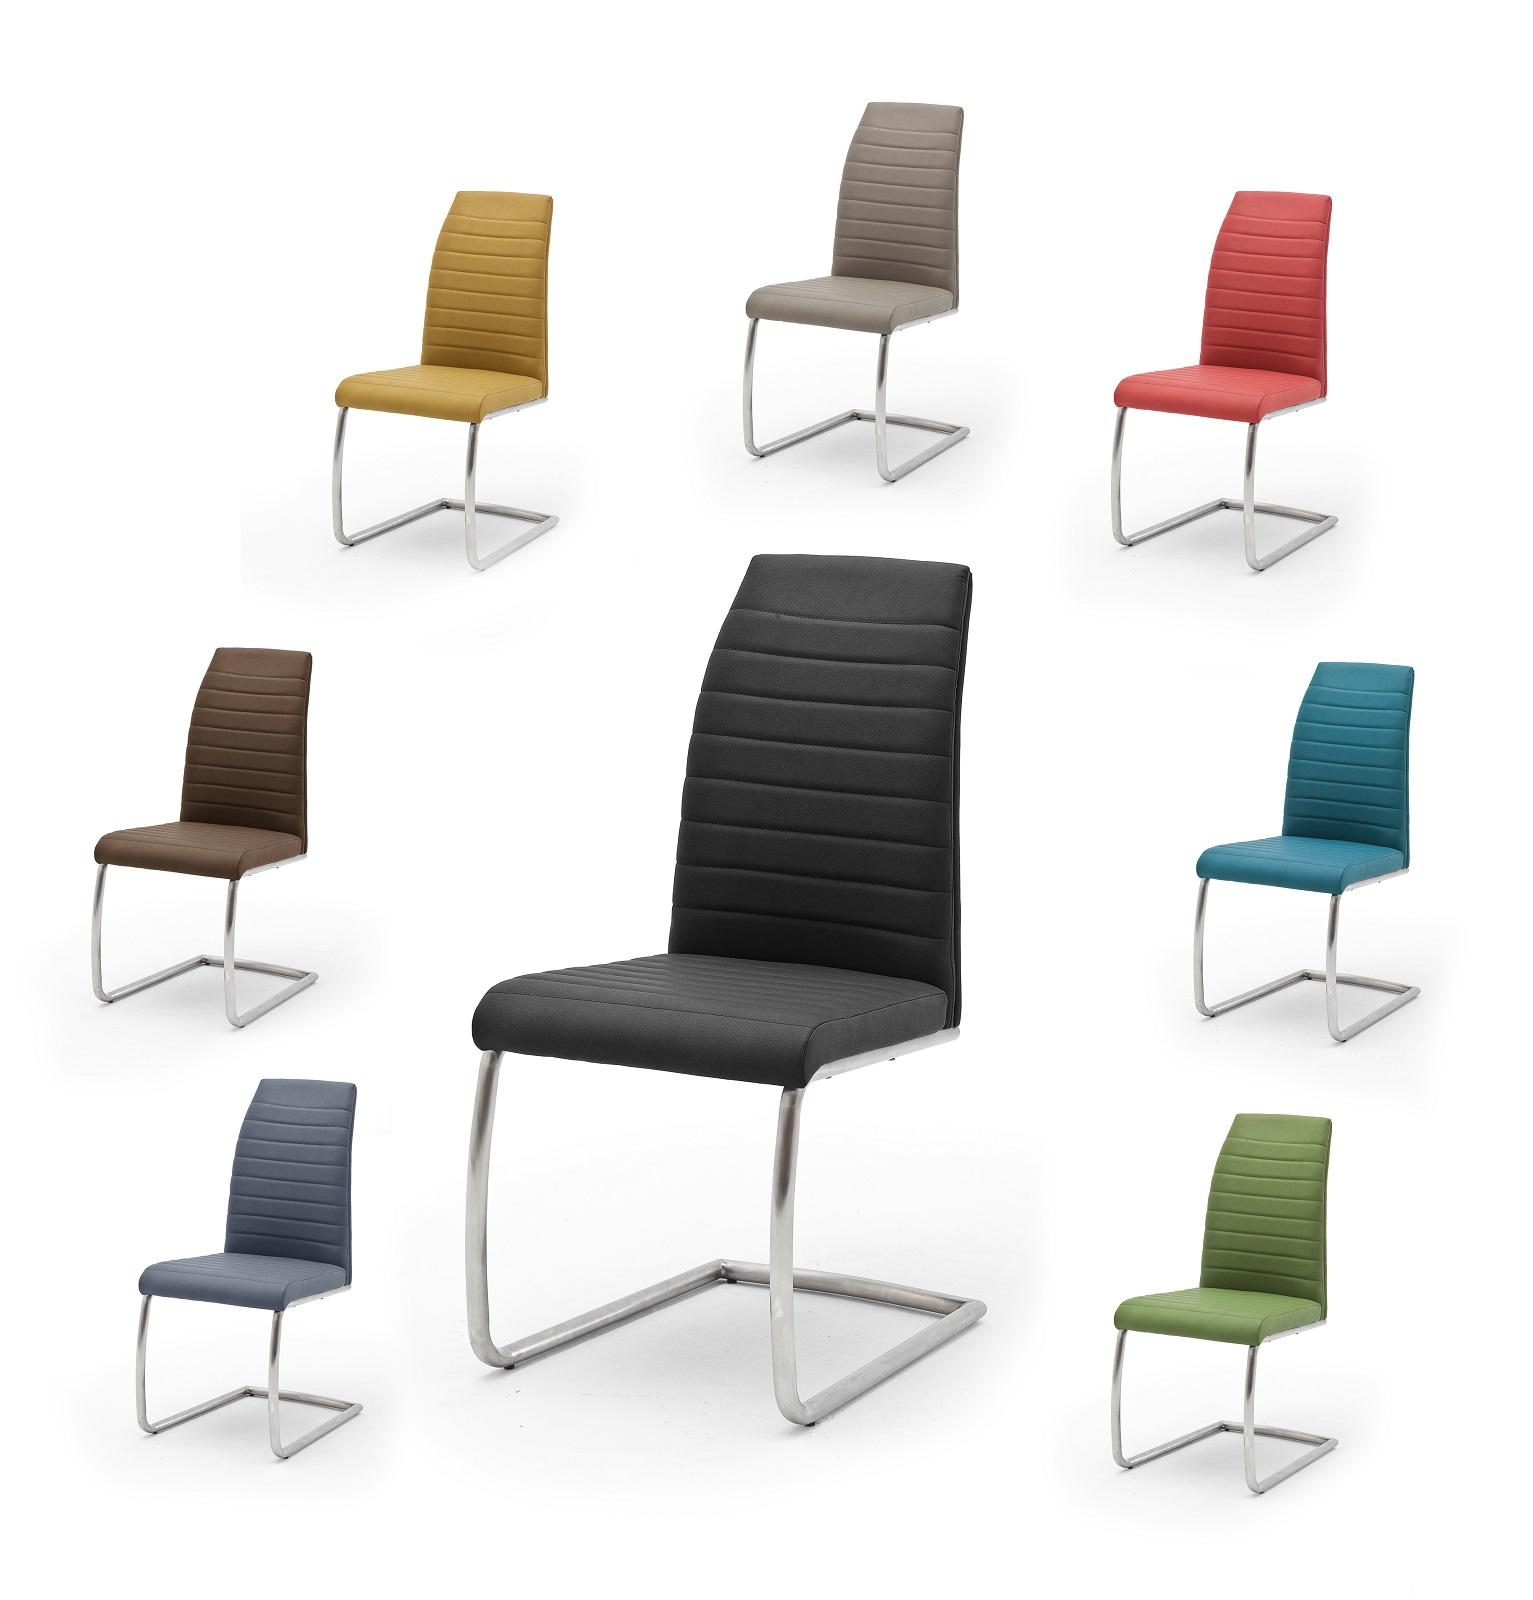 2x freischwinger flores mca set stuhl metall bunt schwinger st hle. Black Bedroom Furniture Sets. Home Design Ideas